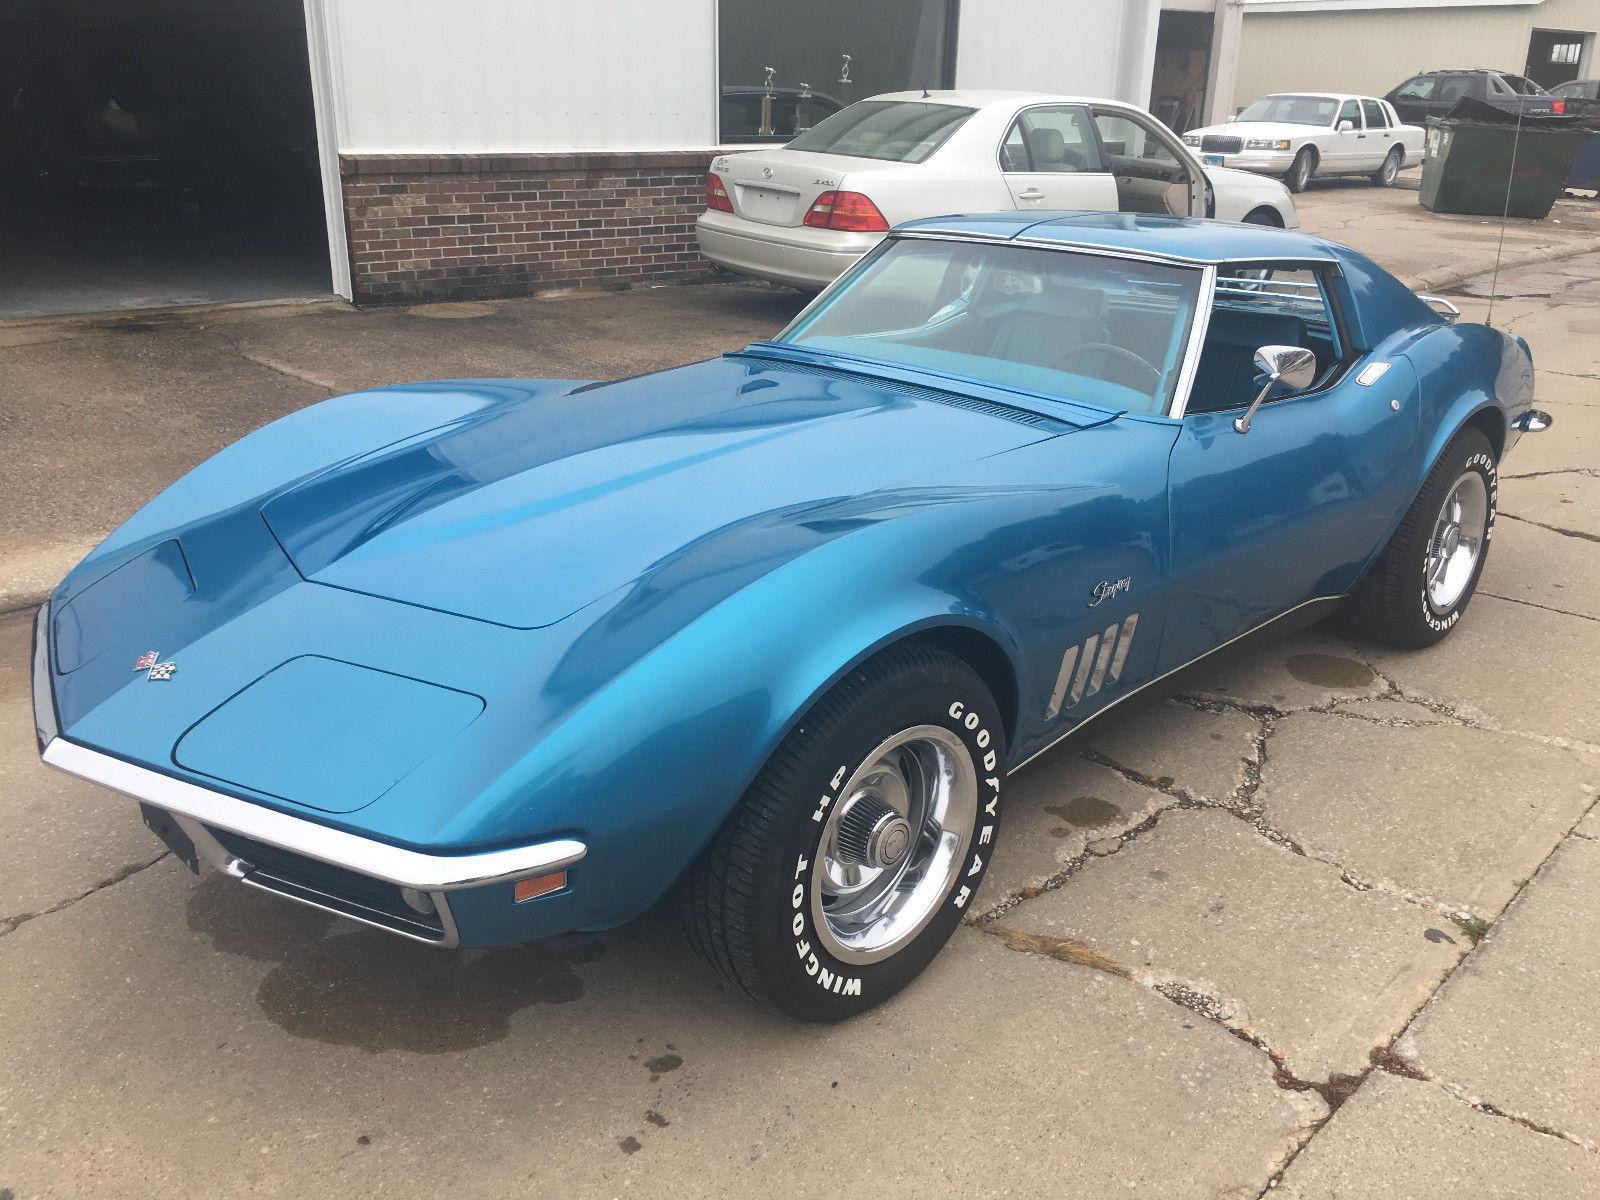 1969 Corvette Stingray >> Chevrolet Corvette C3 Stingray 1969 | Boss-429.com – Importation de voitures Américaines